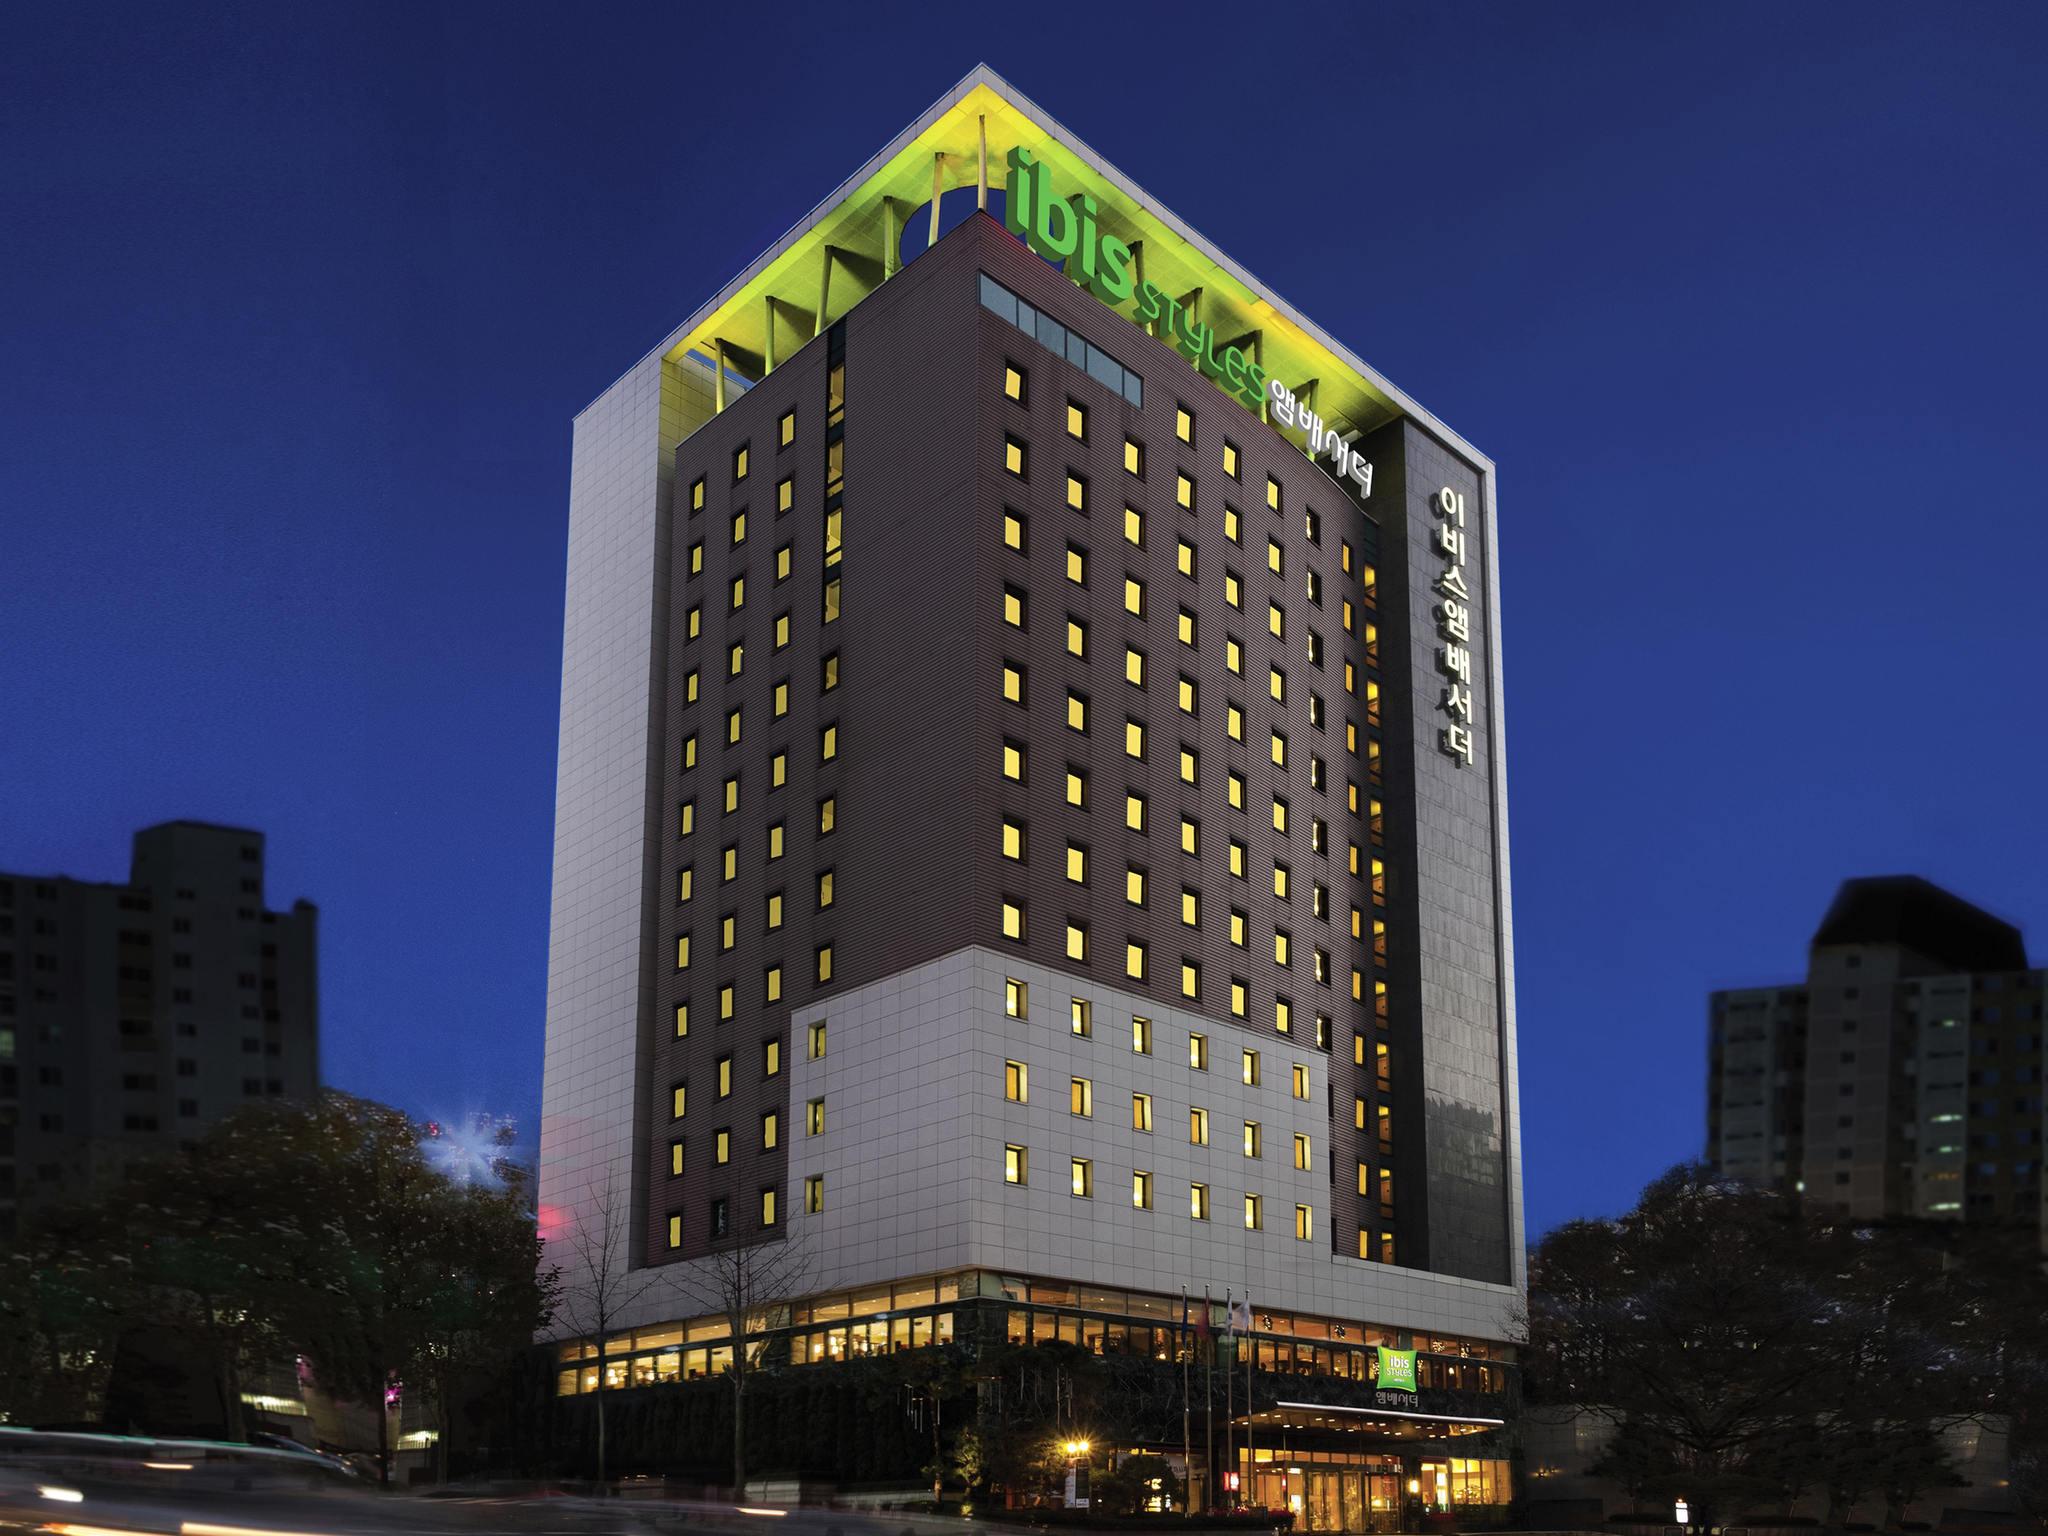 โรงแรม – ไอบิส สไตล์ แอมบาสเดอร์ โซล กังนัม